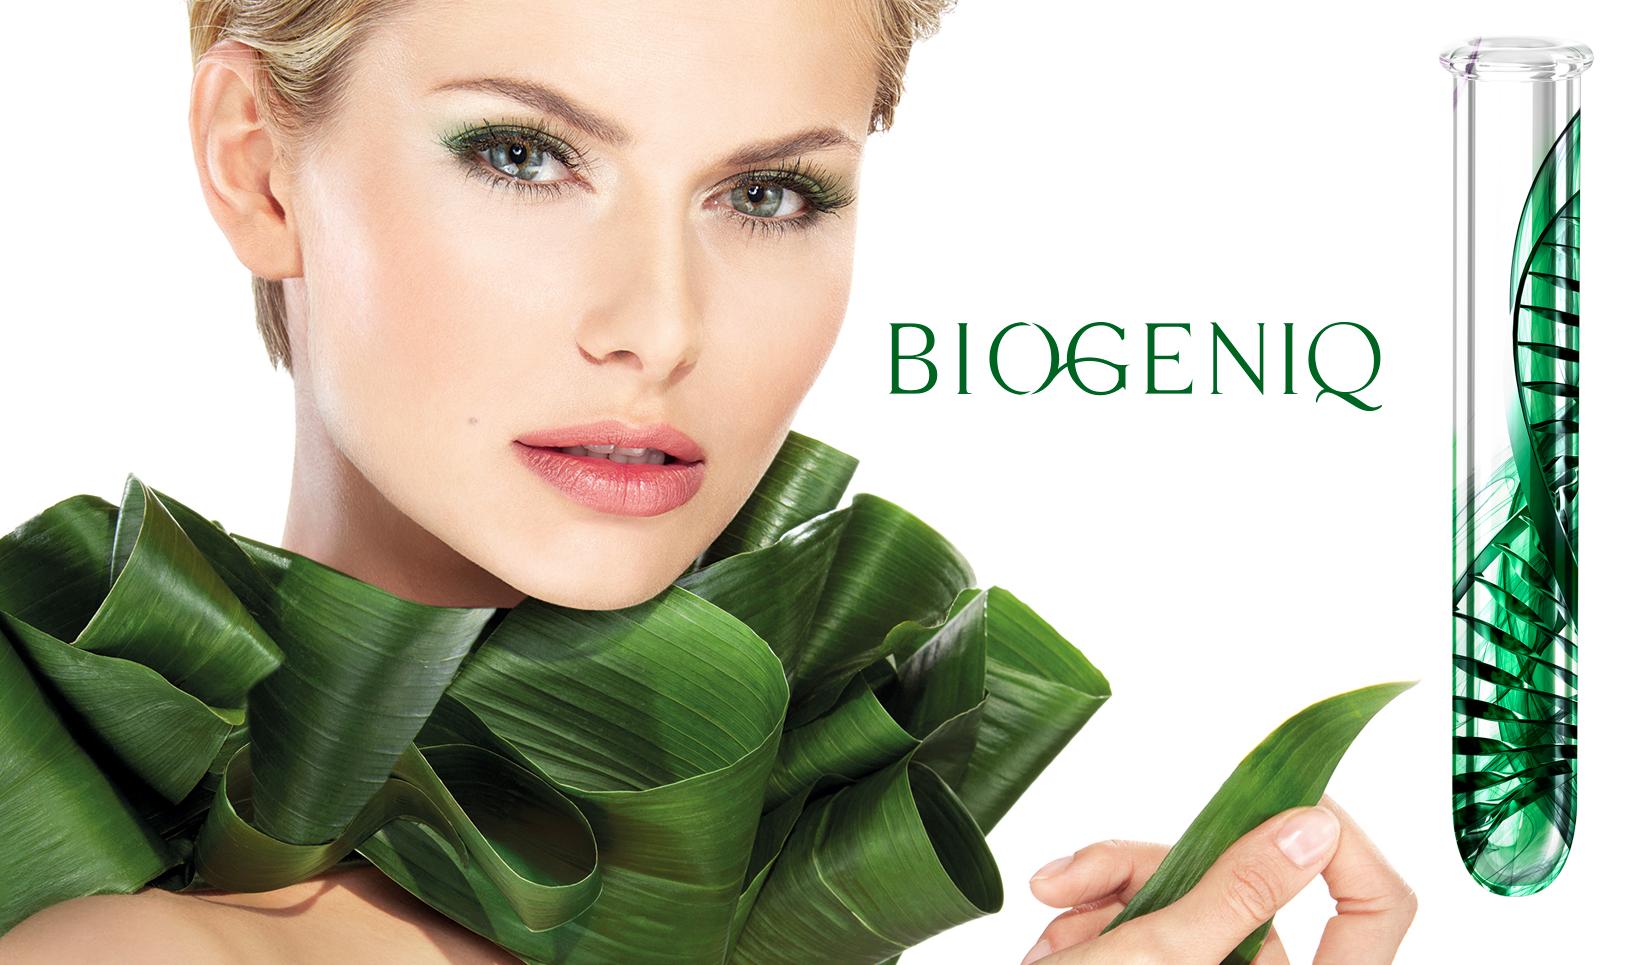 Mladosť predovšetkým! Dermika – nová kolekcia Biogeniq